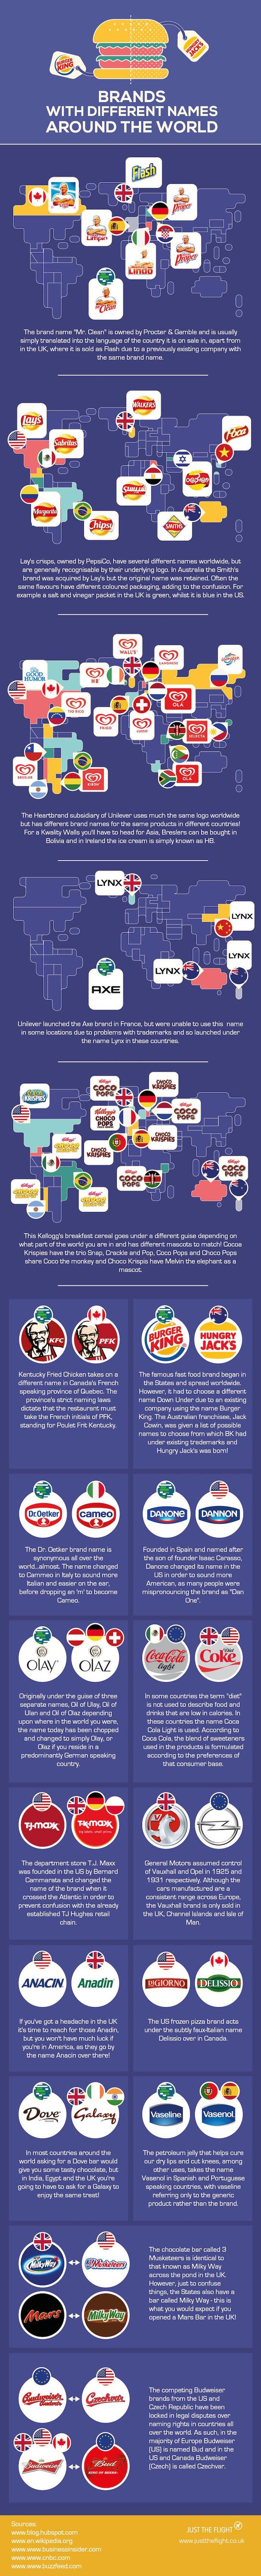 brand-names-around-world.jpg